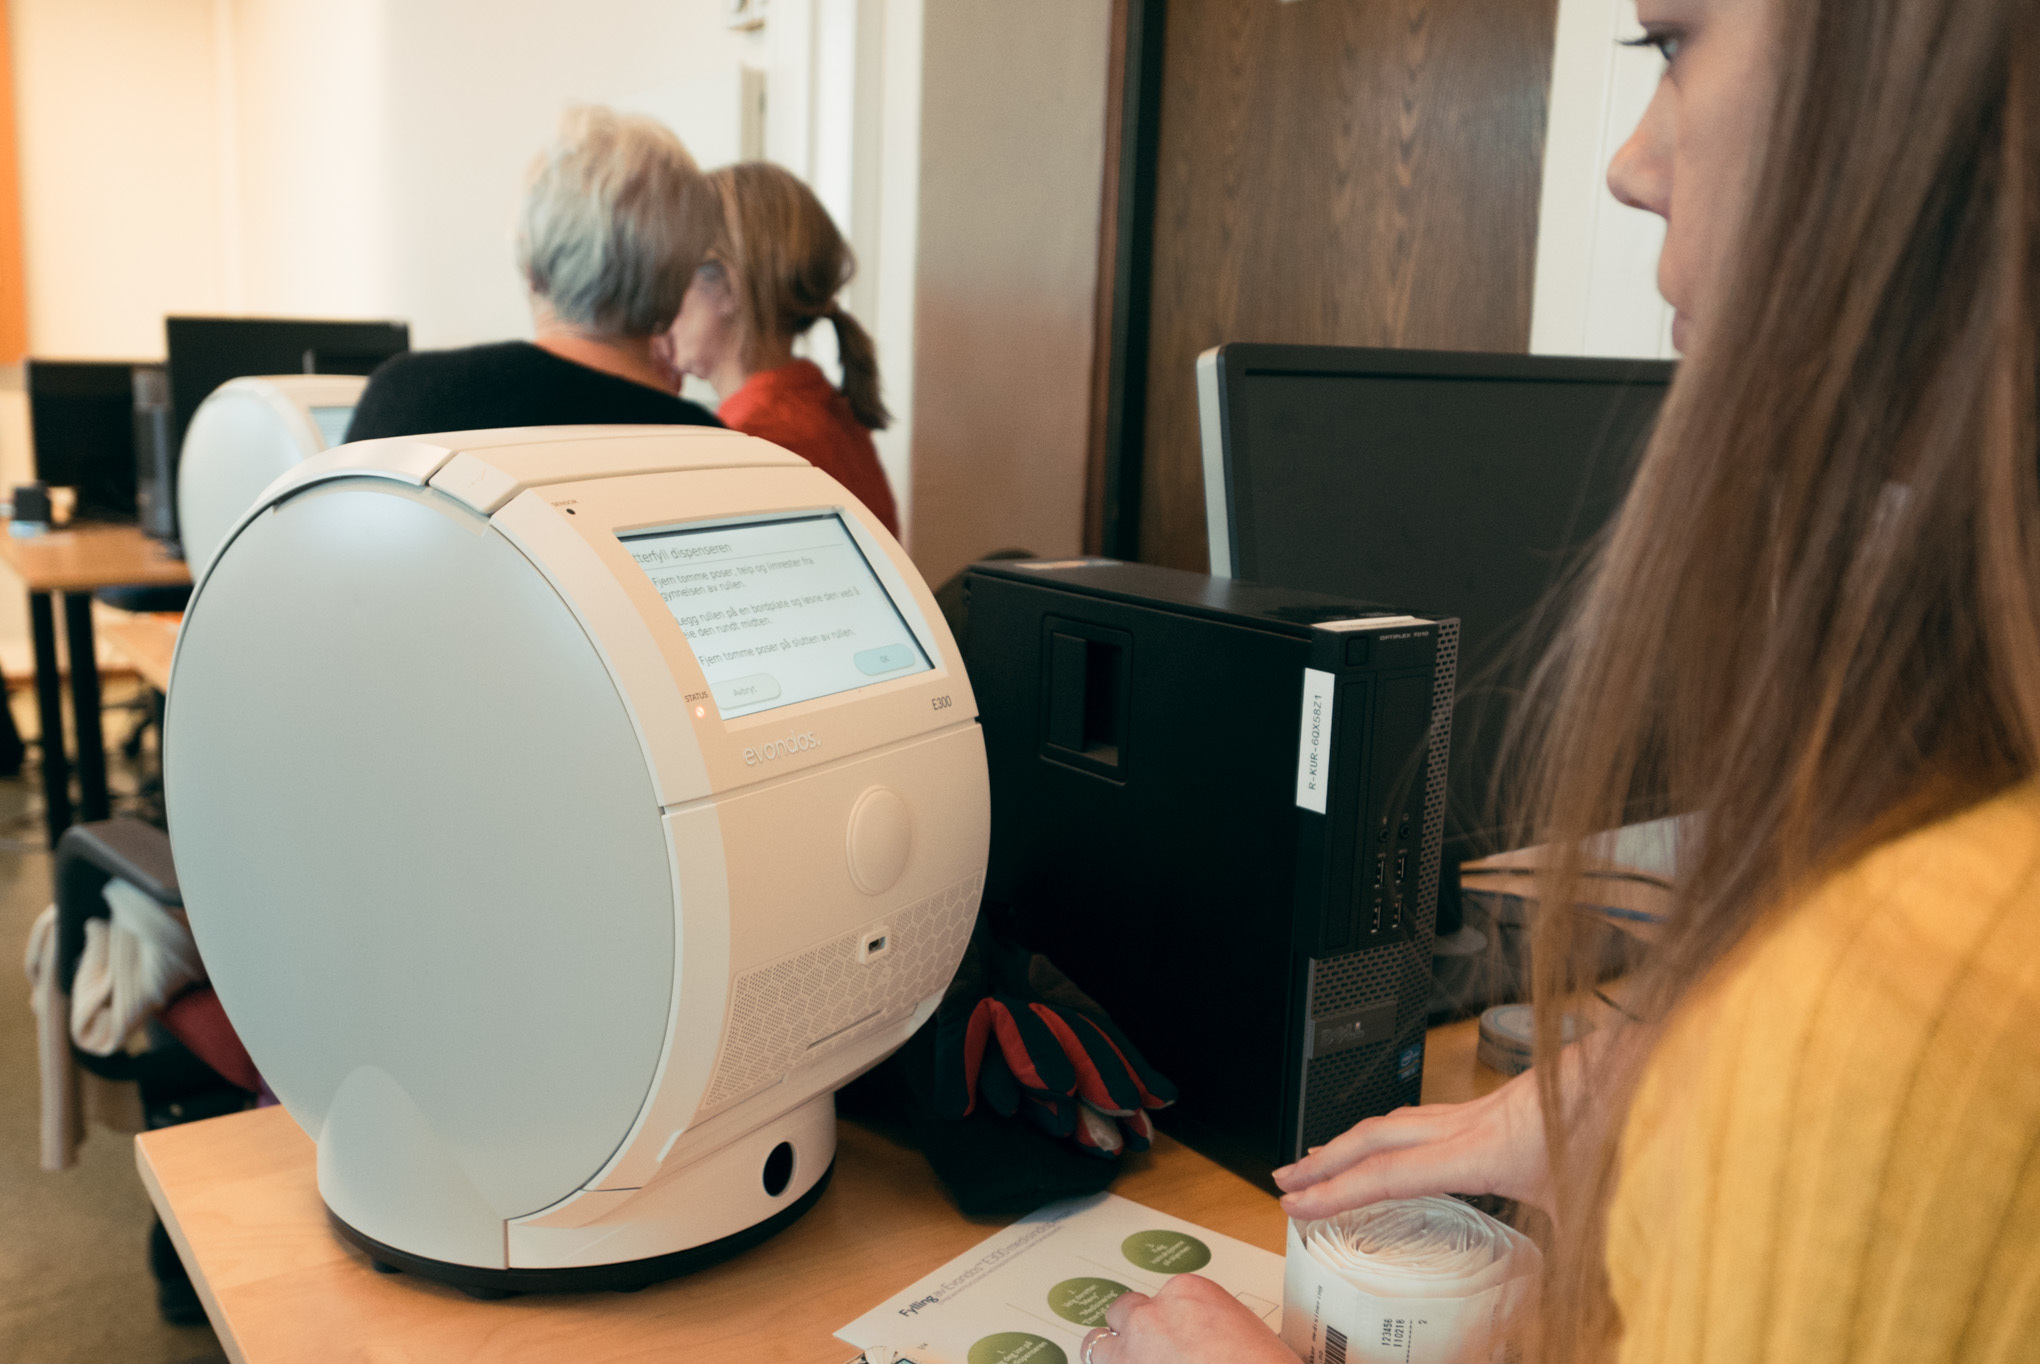 Tina Nyhammer får opplæring i bruk av maskinen Evondos, som er en automatisk medisinmaskin. Foto: Øivind Arvola